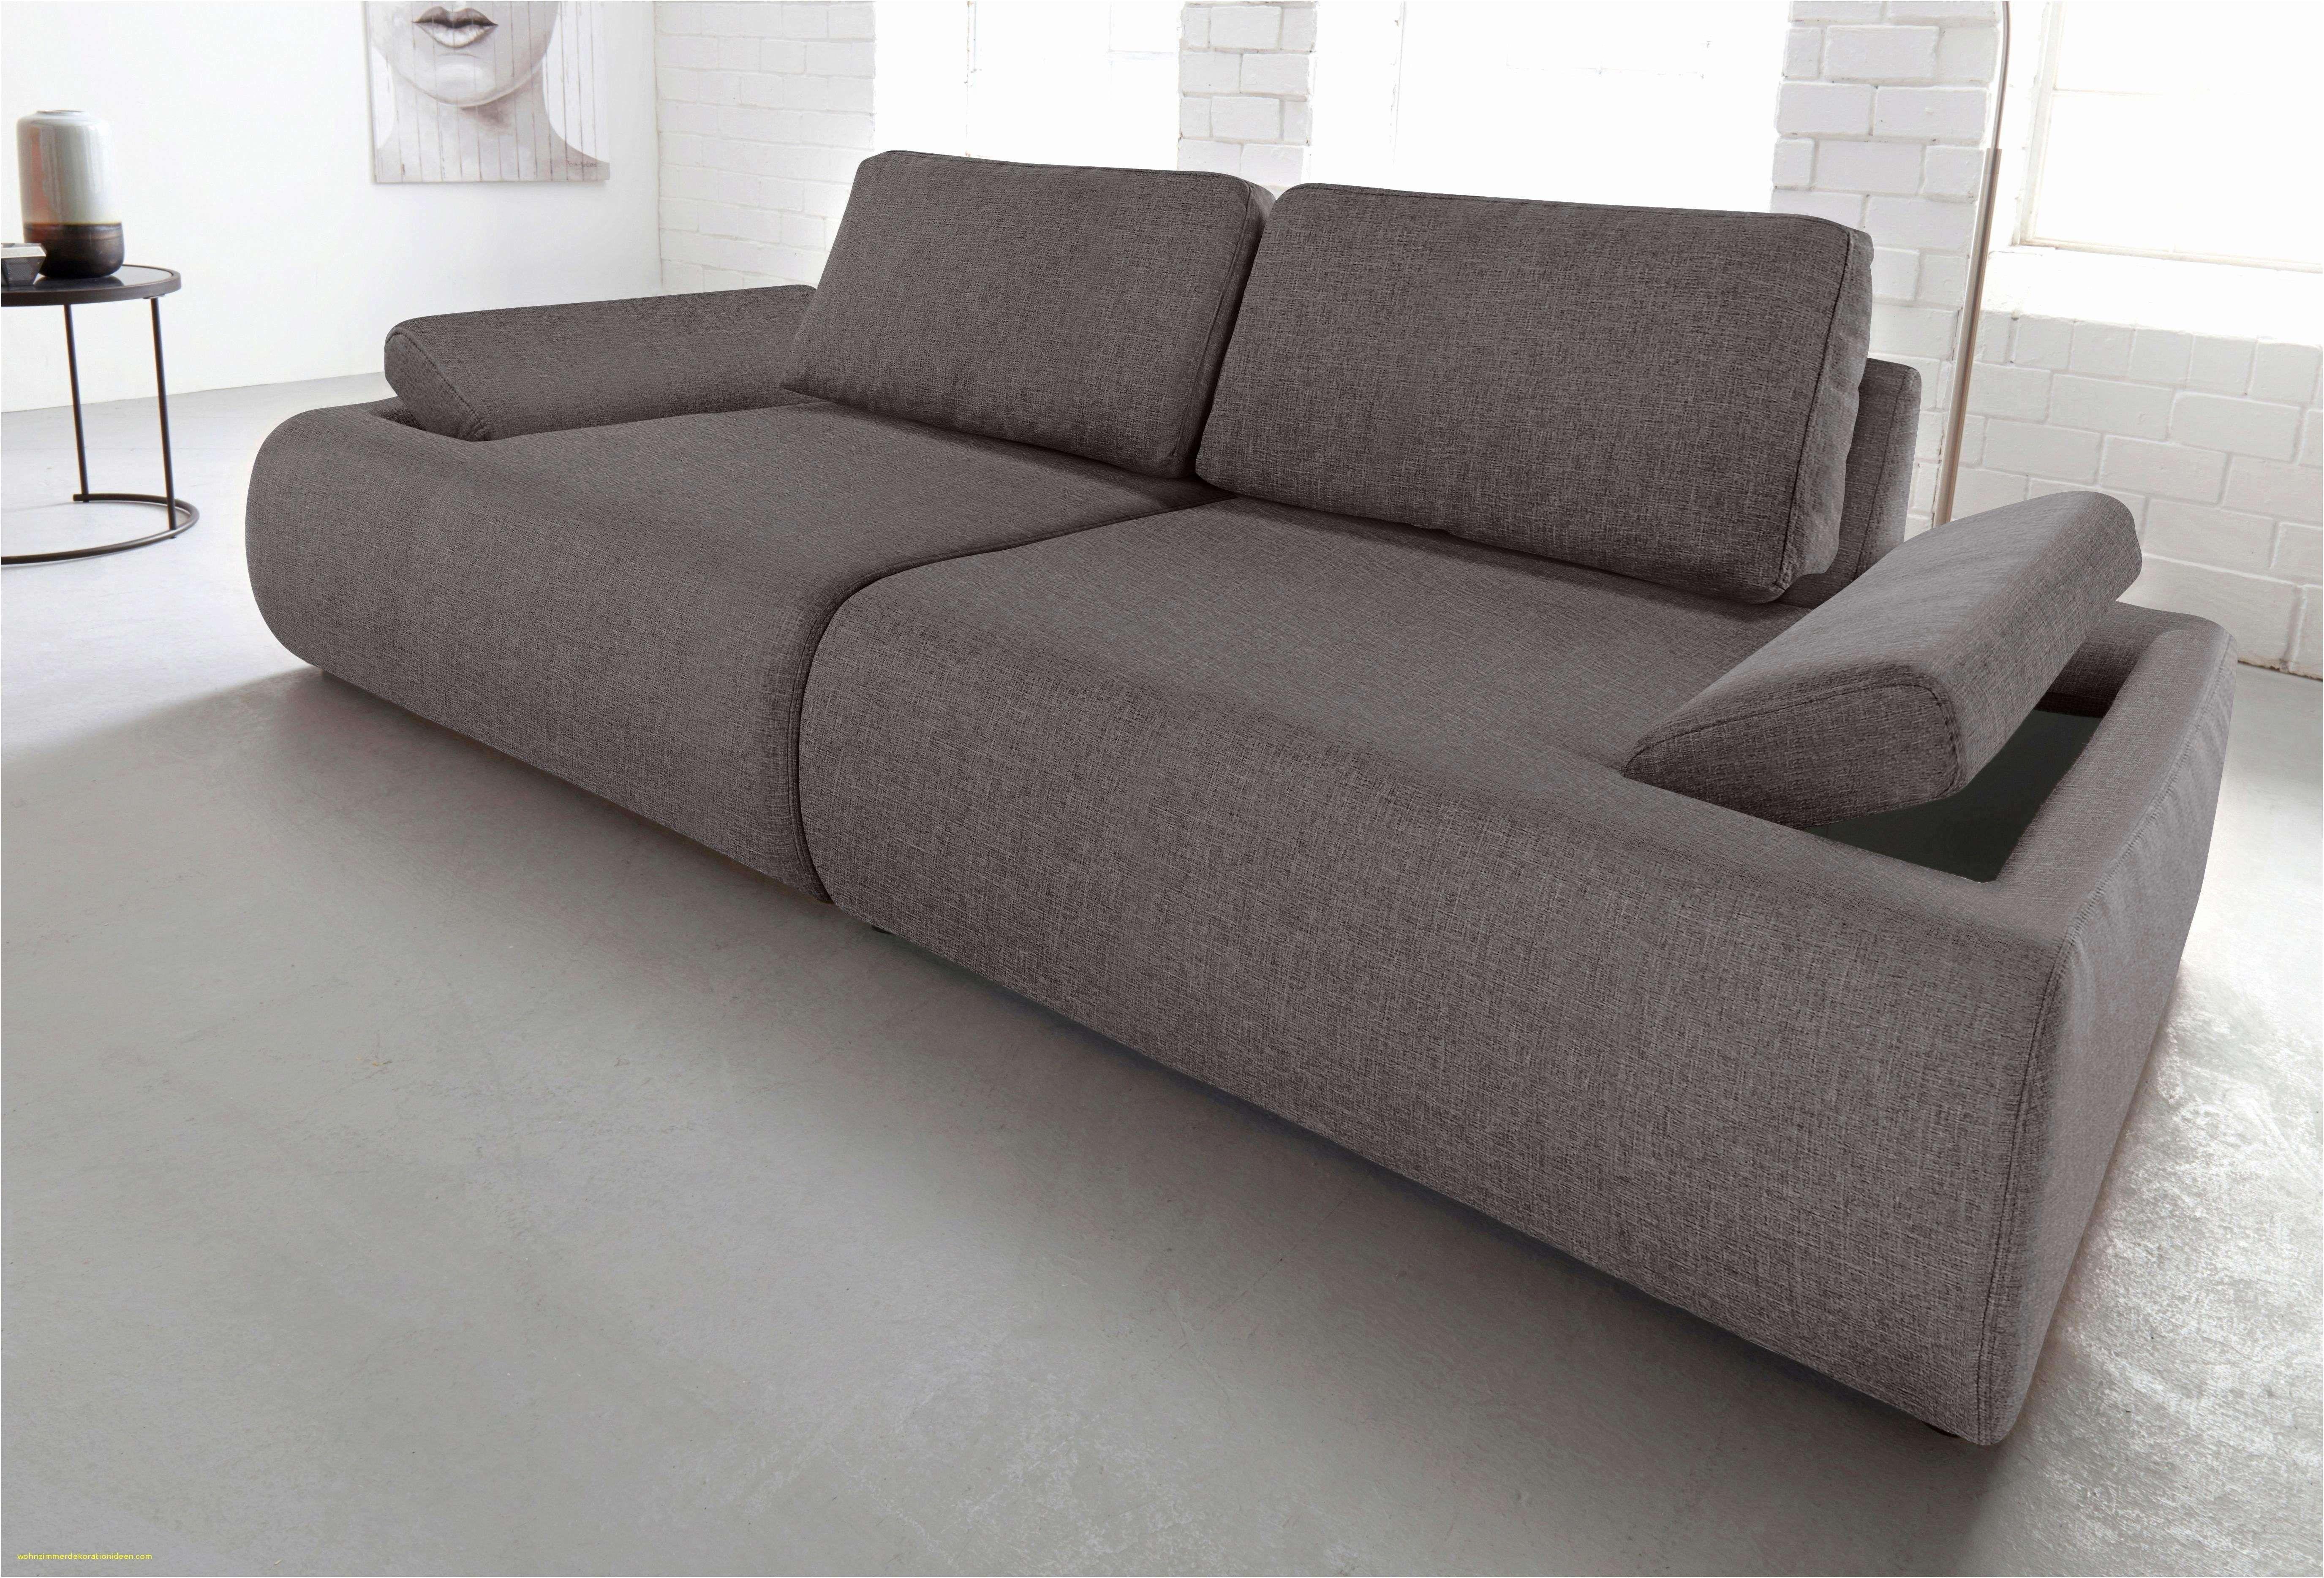 Big Sofa Lila Sofa Poco Frisch Poco Sofa Neu Sofa Stoff Reinigen Neu Lila Couch 0d In 2020 Sofa Big Sofas Inosign